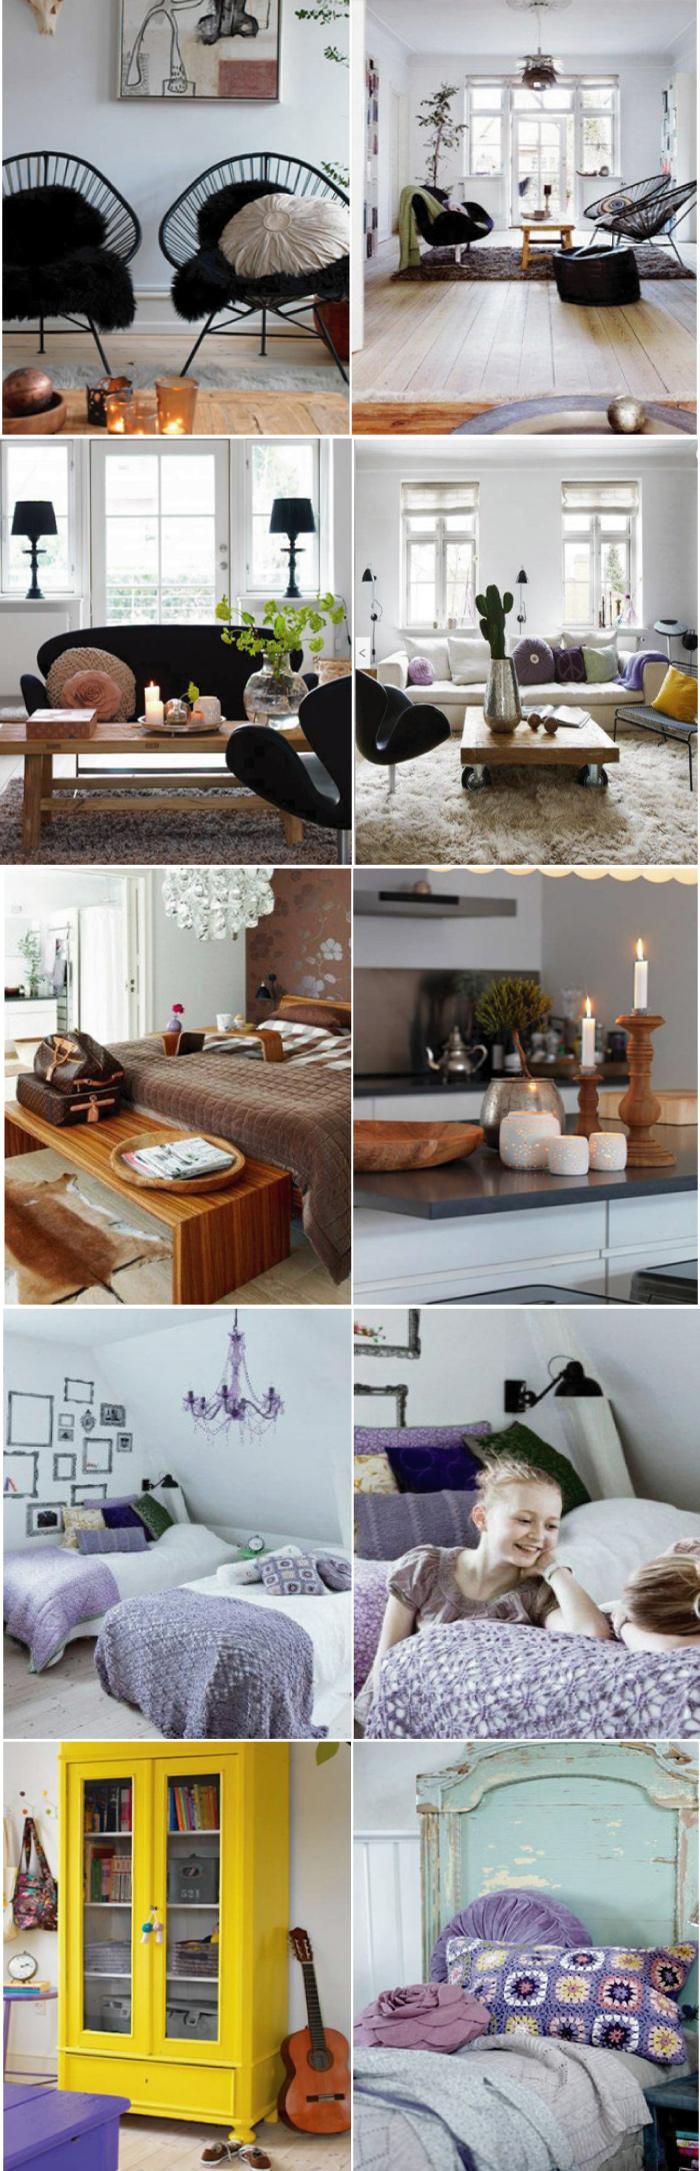 bloomingville - marque de déco danoise au style scandinave par chiara stella home